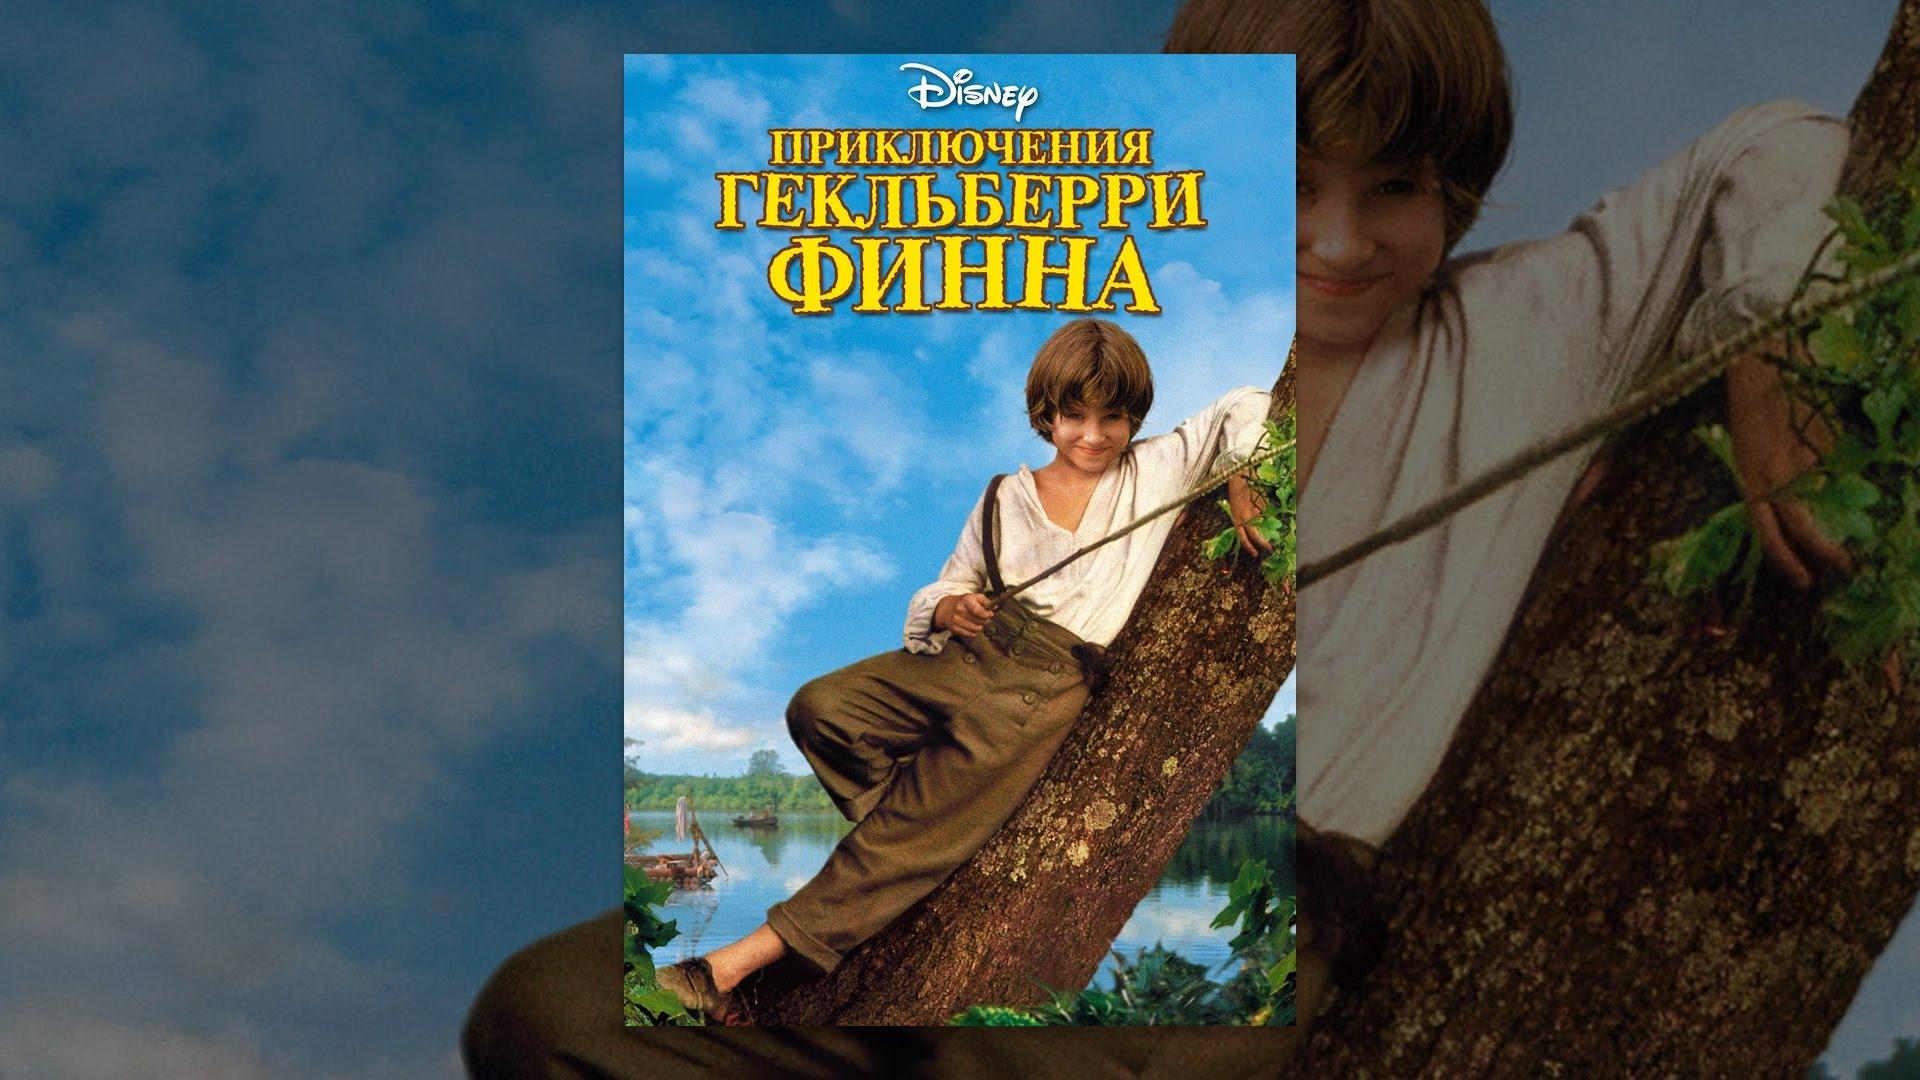 huckeberry finn The adventures of huckleberry finn - children's books - books - rush merchandise.